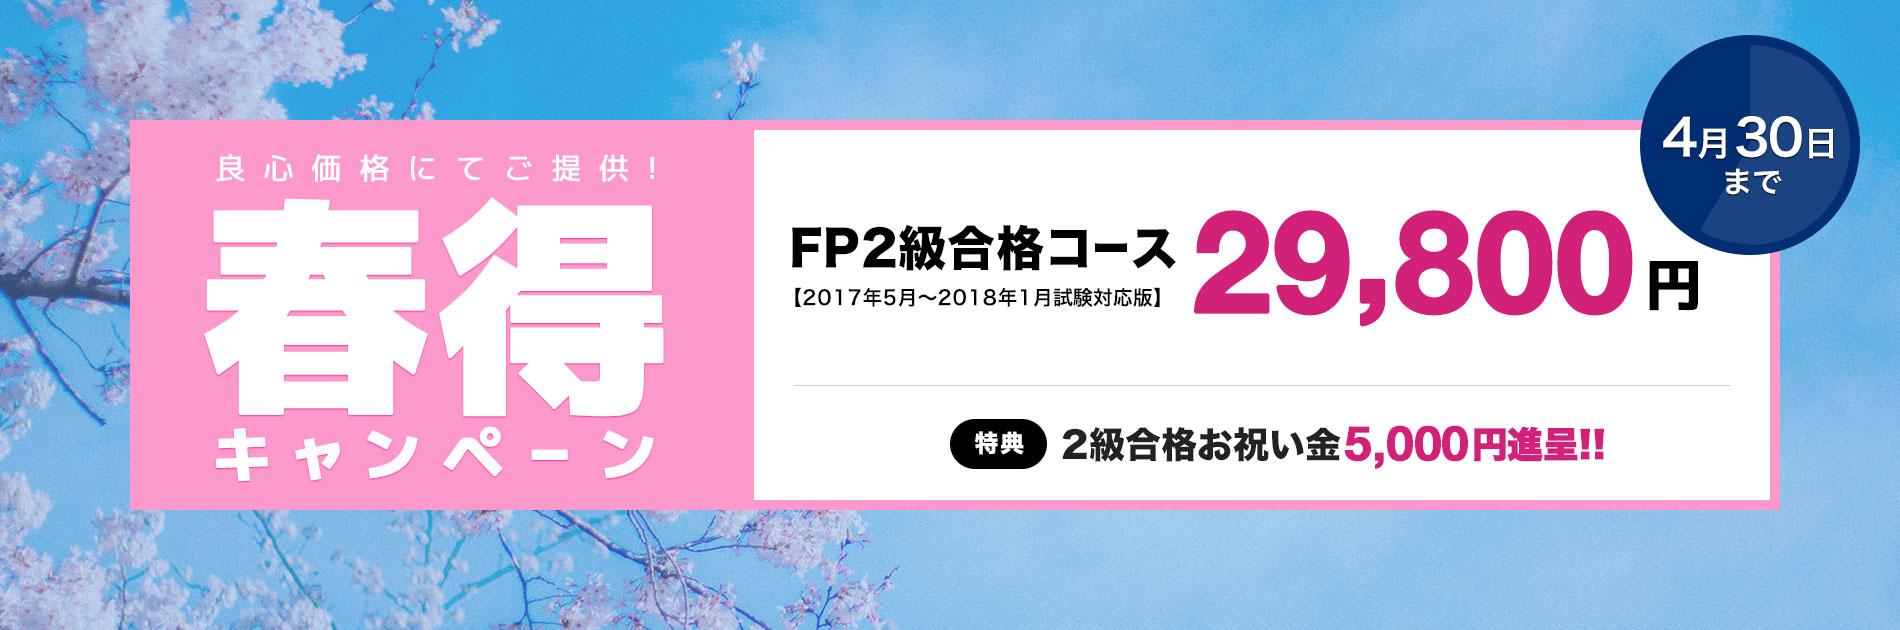 FP 春得キャンペーン(FP2級合格コース)